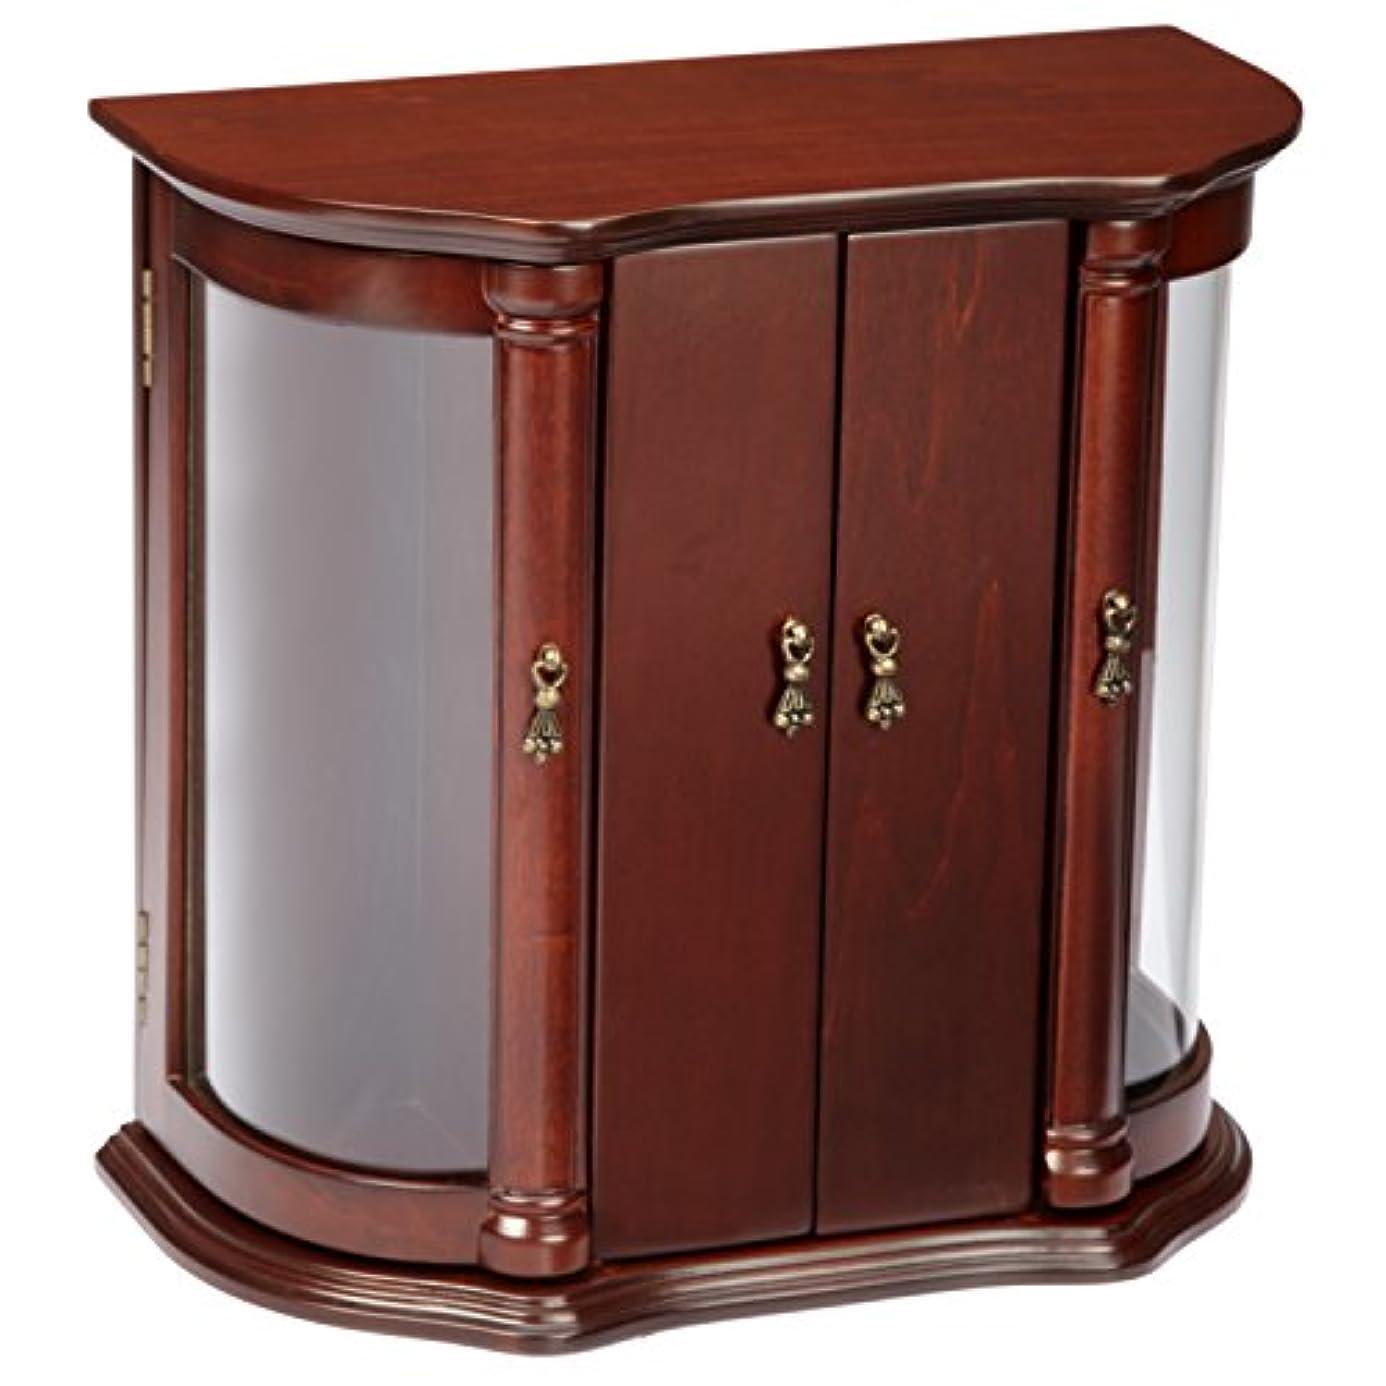 Josephine Jewelry Box in Antique Mahogany Finish by Bombay Company oxi5093728